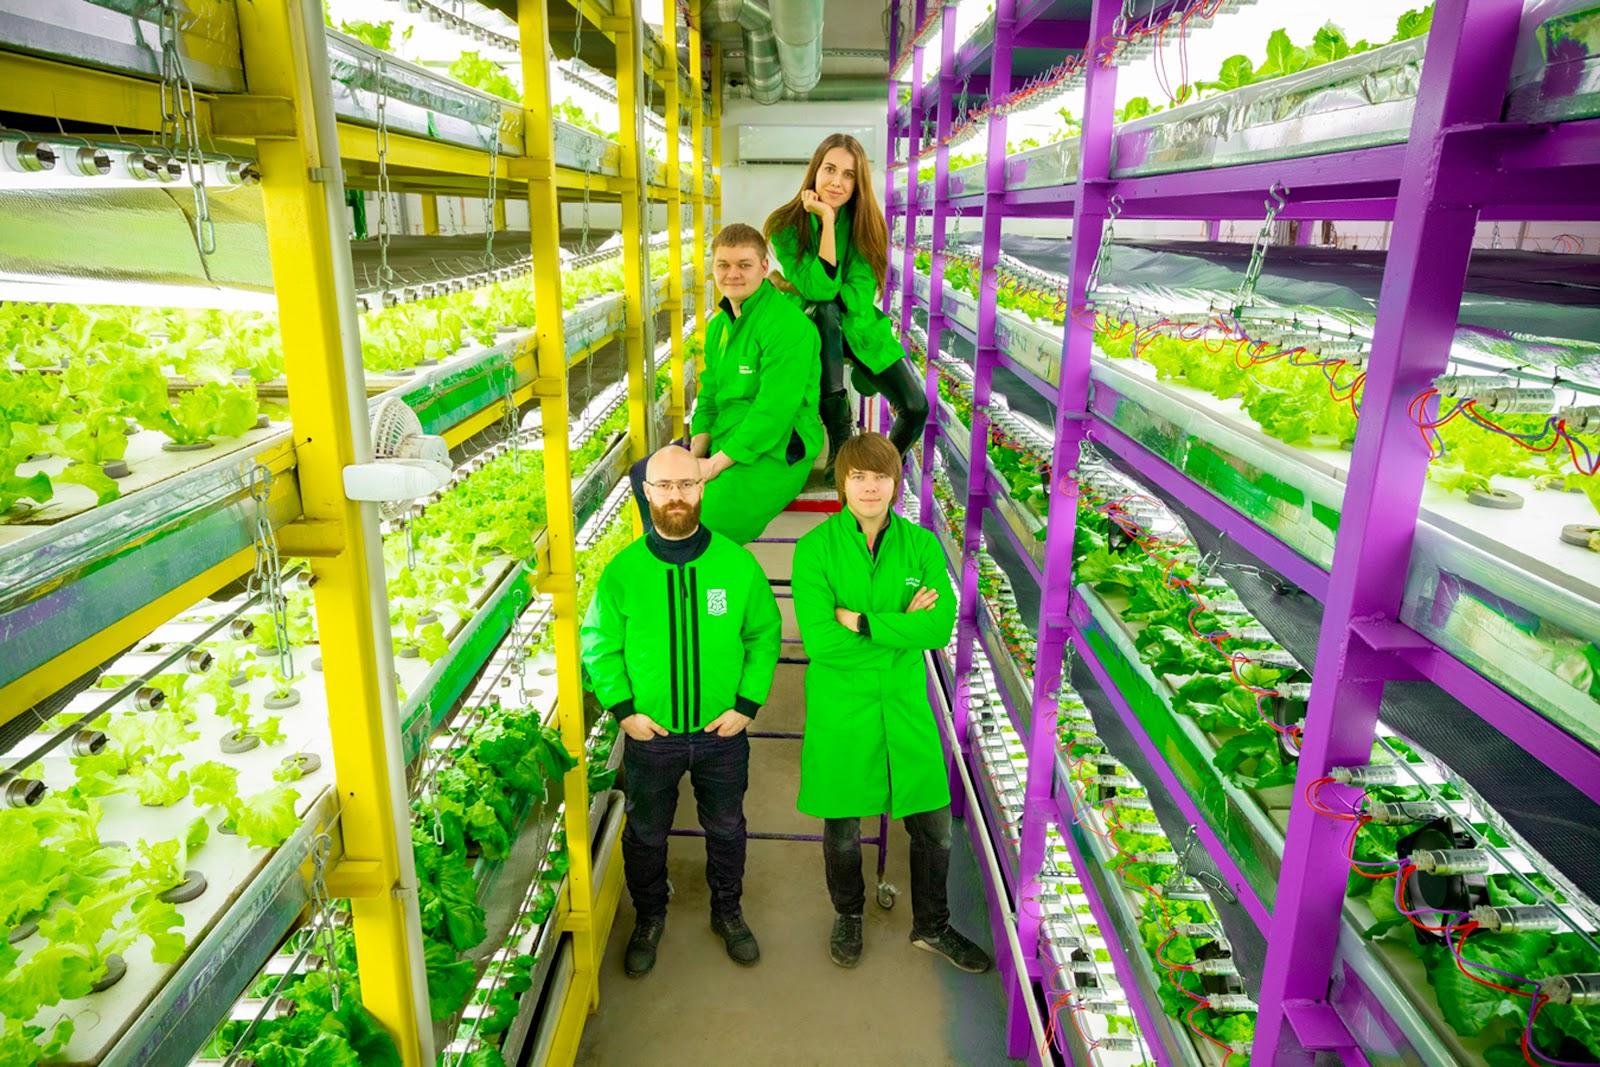 Урожай без земли: можно ли сделать ферму в городском подвале? Спойлер - легко!